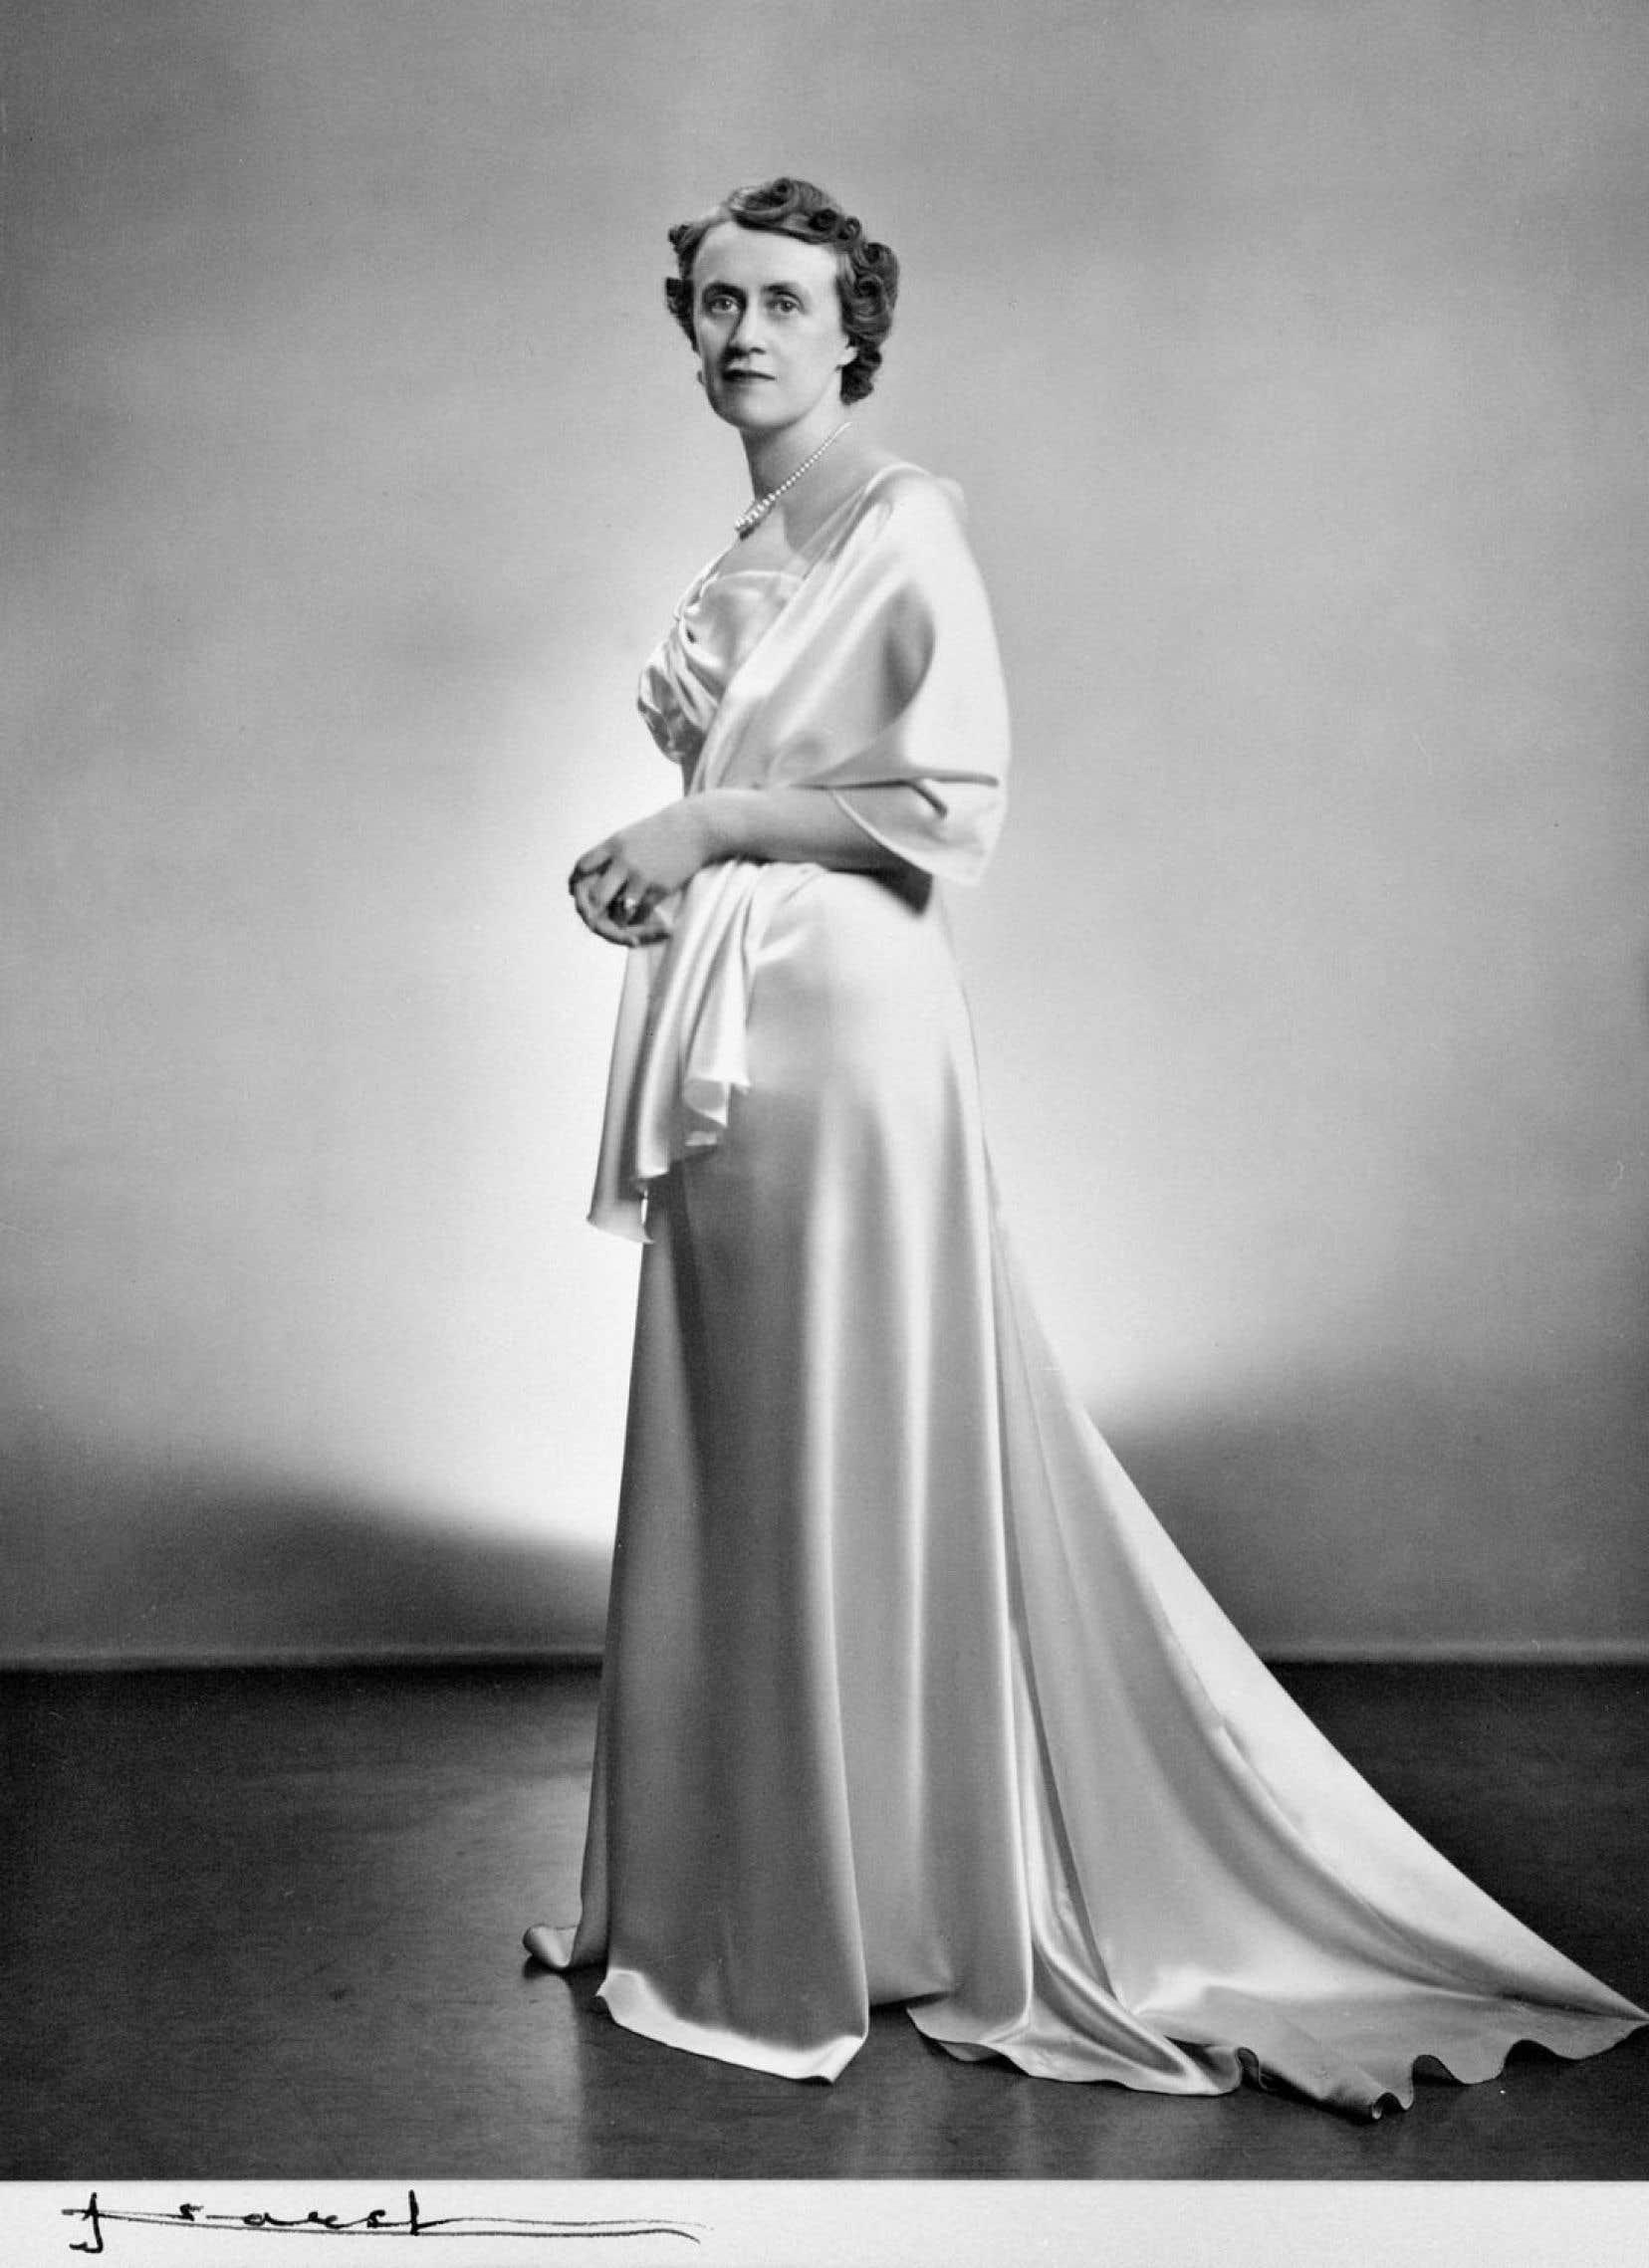 Thérèse Forget-Casgrain, le 8 avril 1939, impériale devant l'objectif du célèbre photographe Yousuf Karsh.